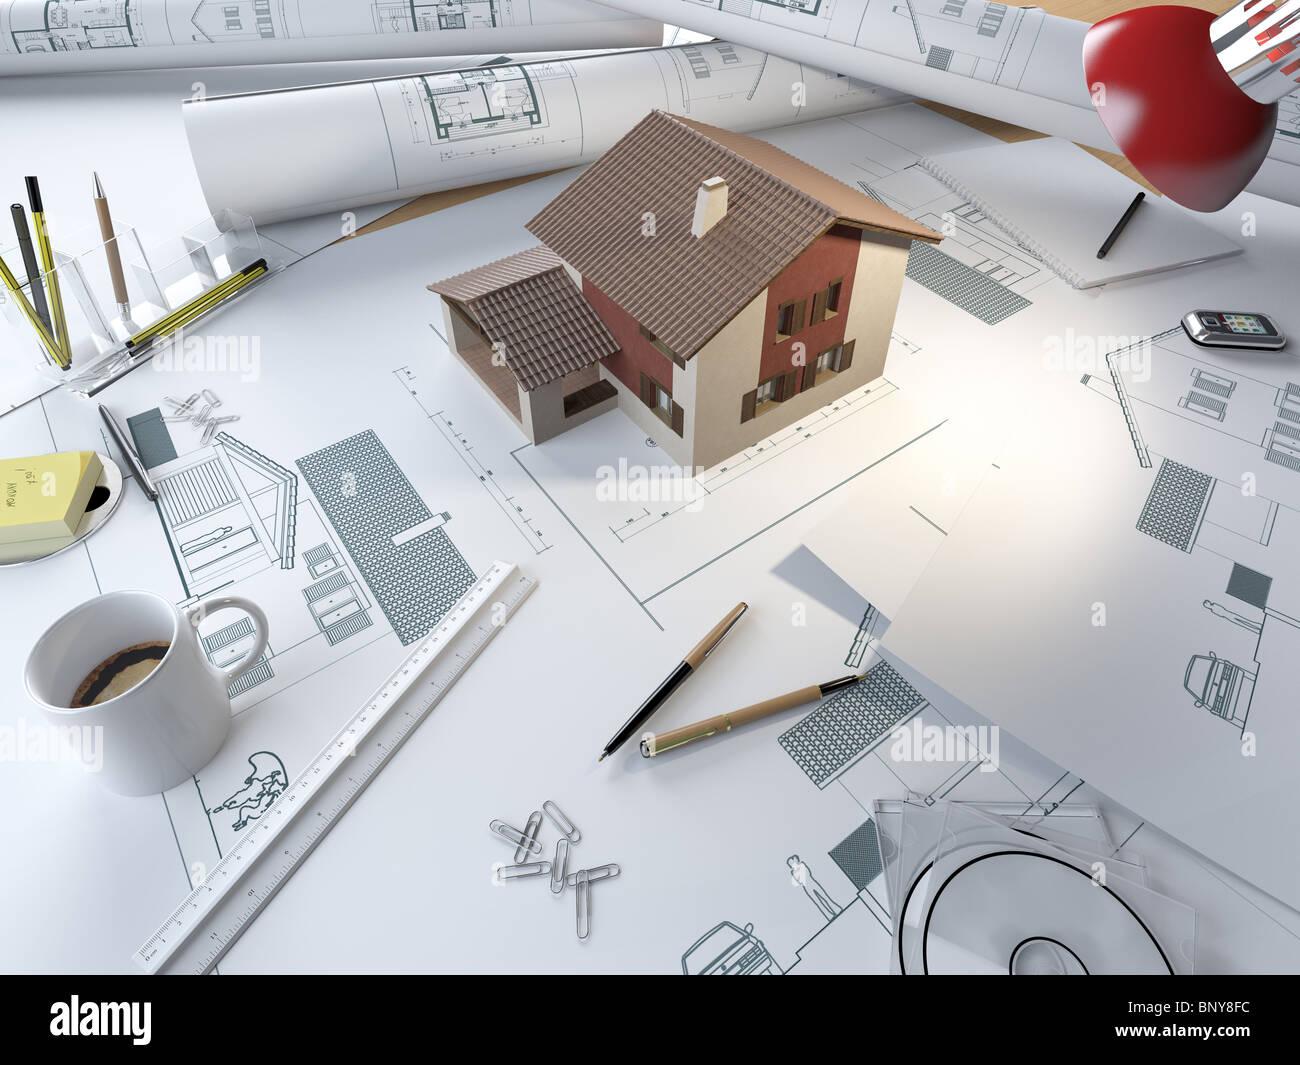 Table à dessin d'architecte avec les plans et modèle 3D d'une maison Photo Stock